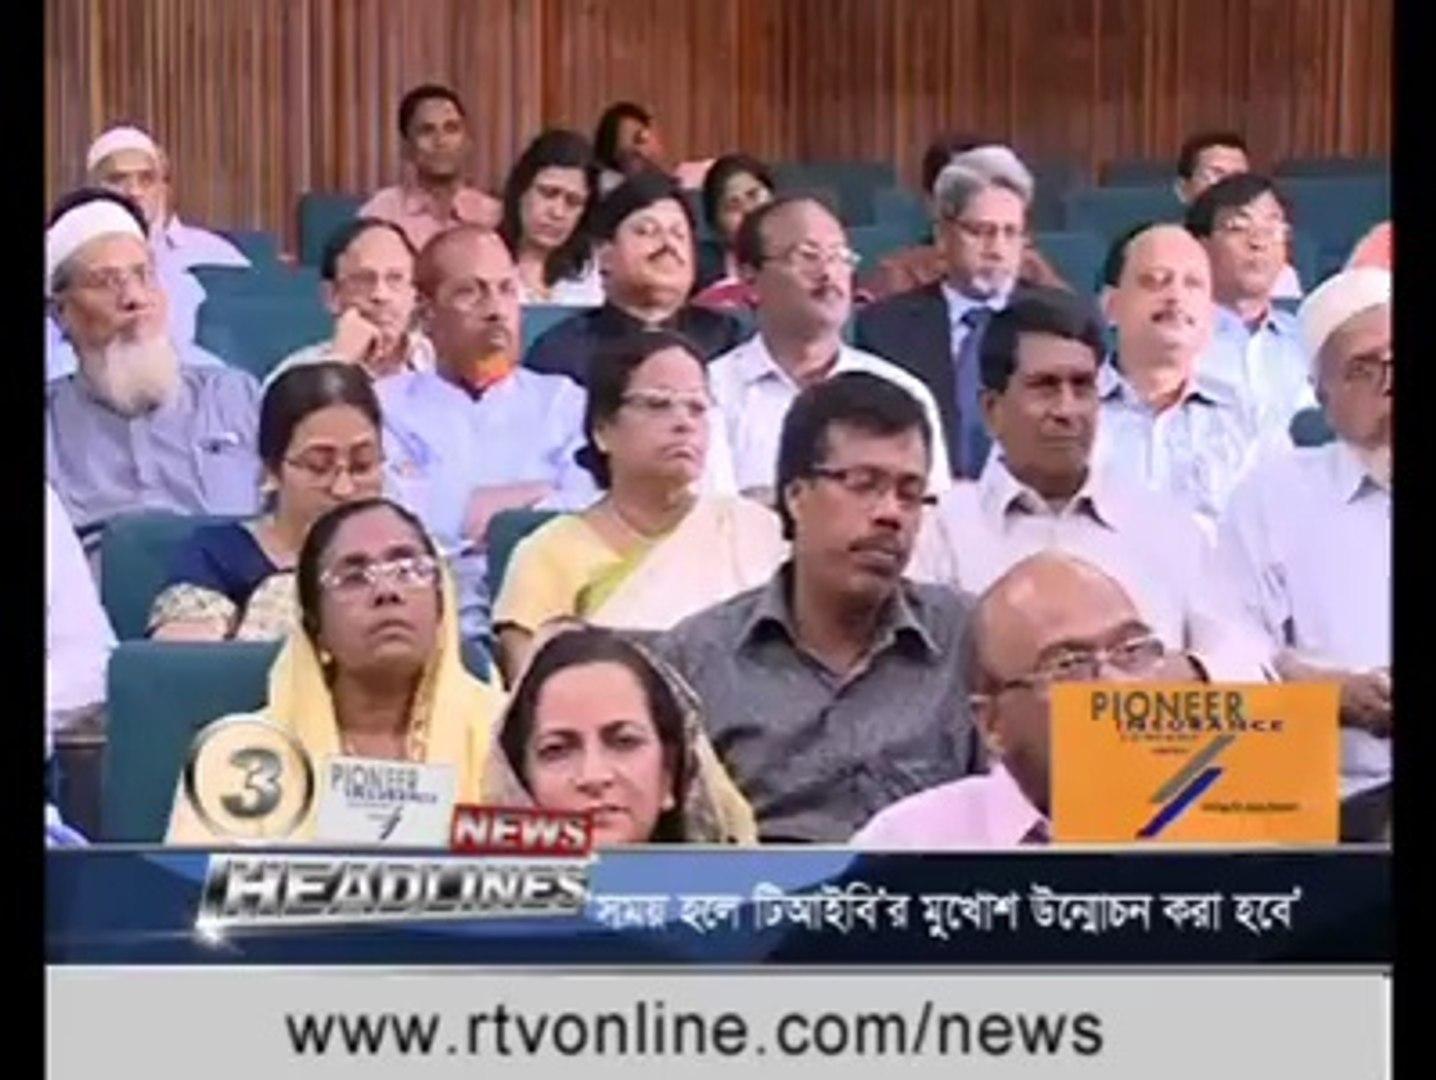 News Headline on 28th May 2014: RTV National, International and Sports Bangla news